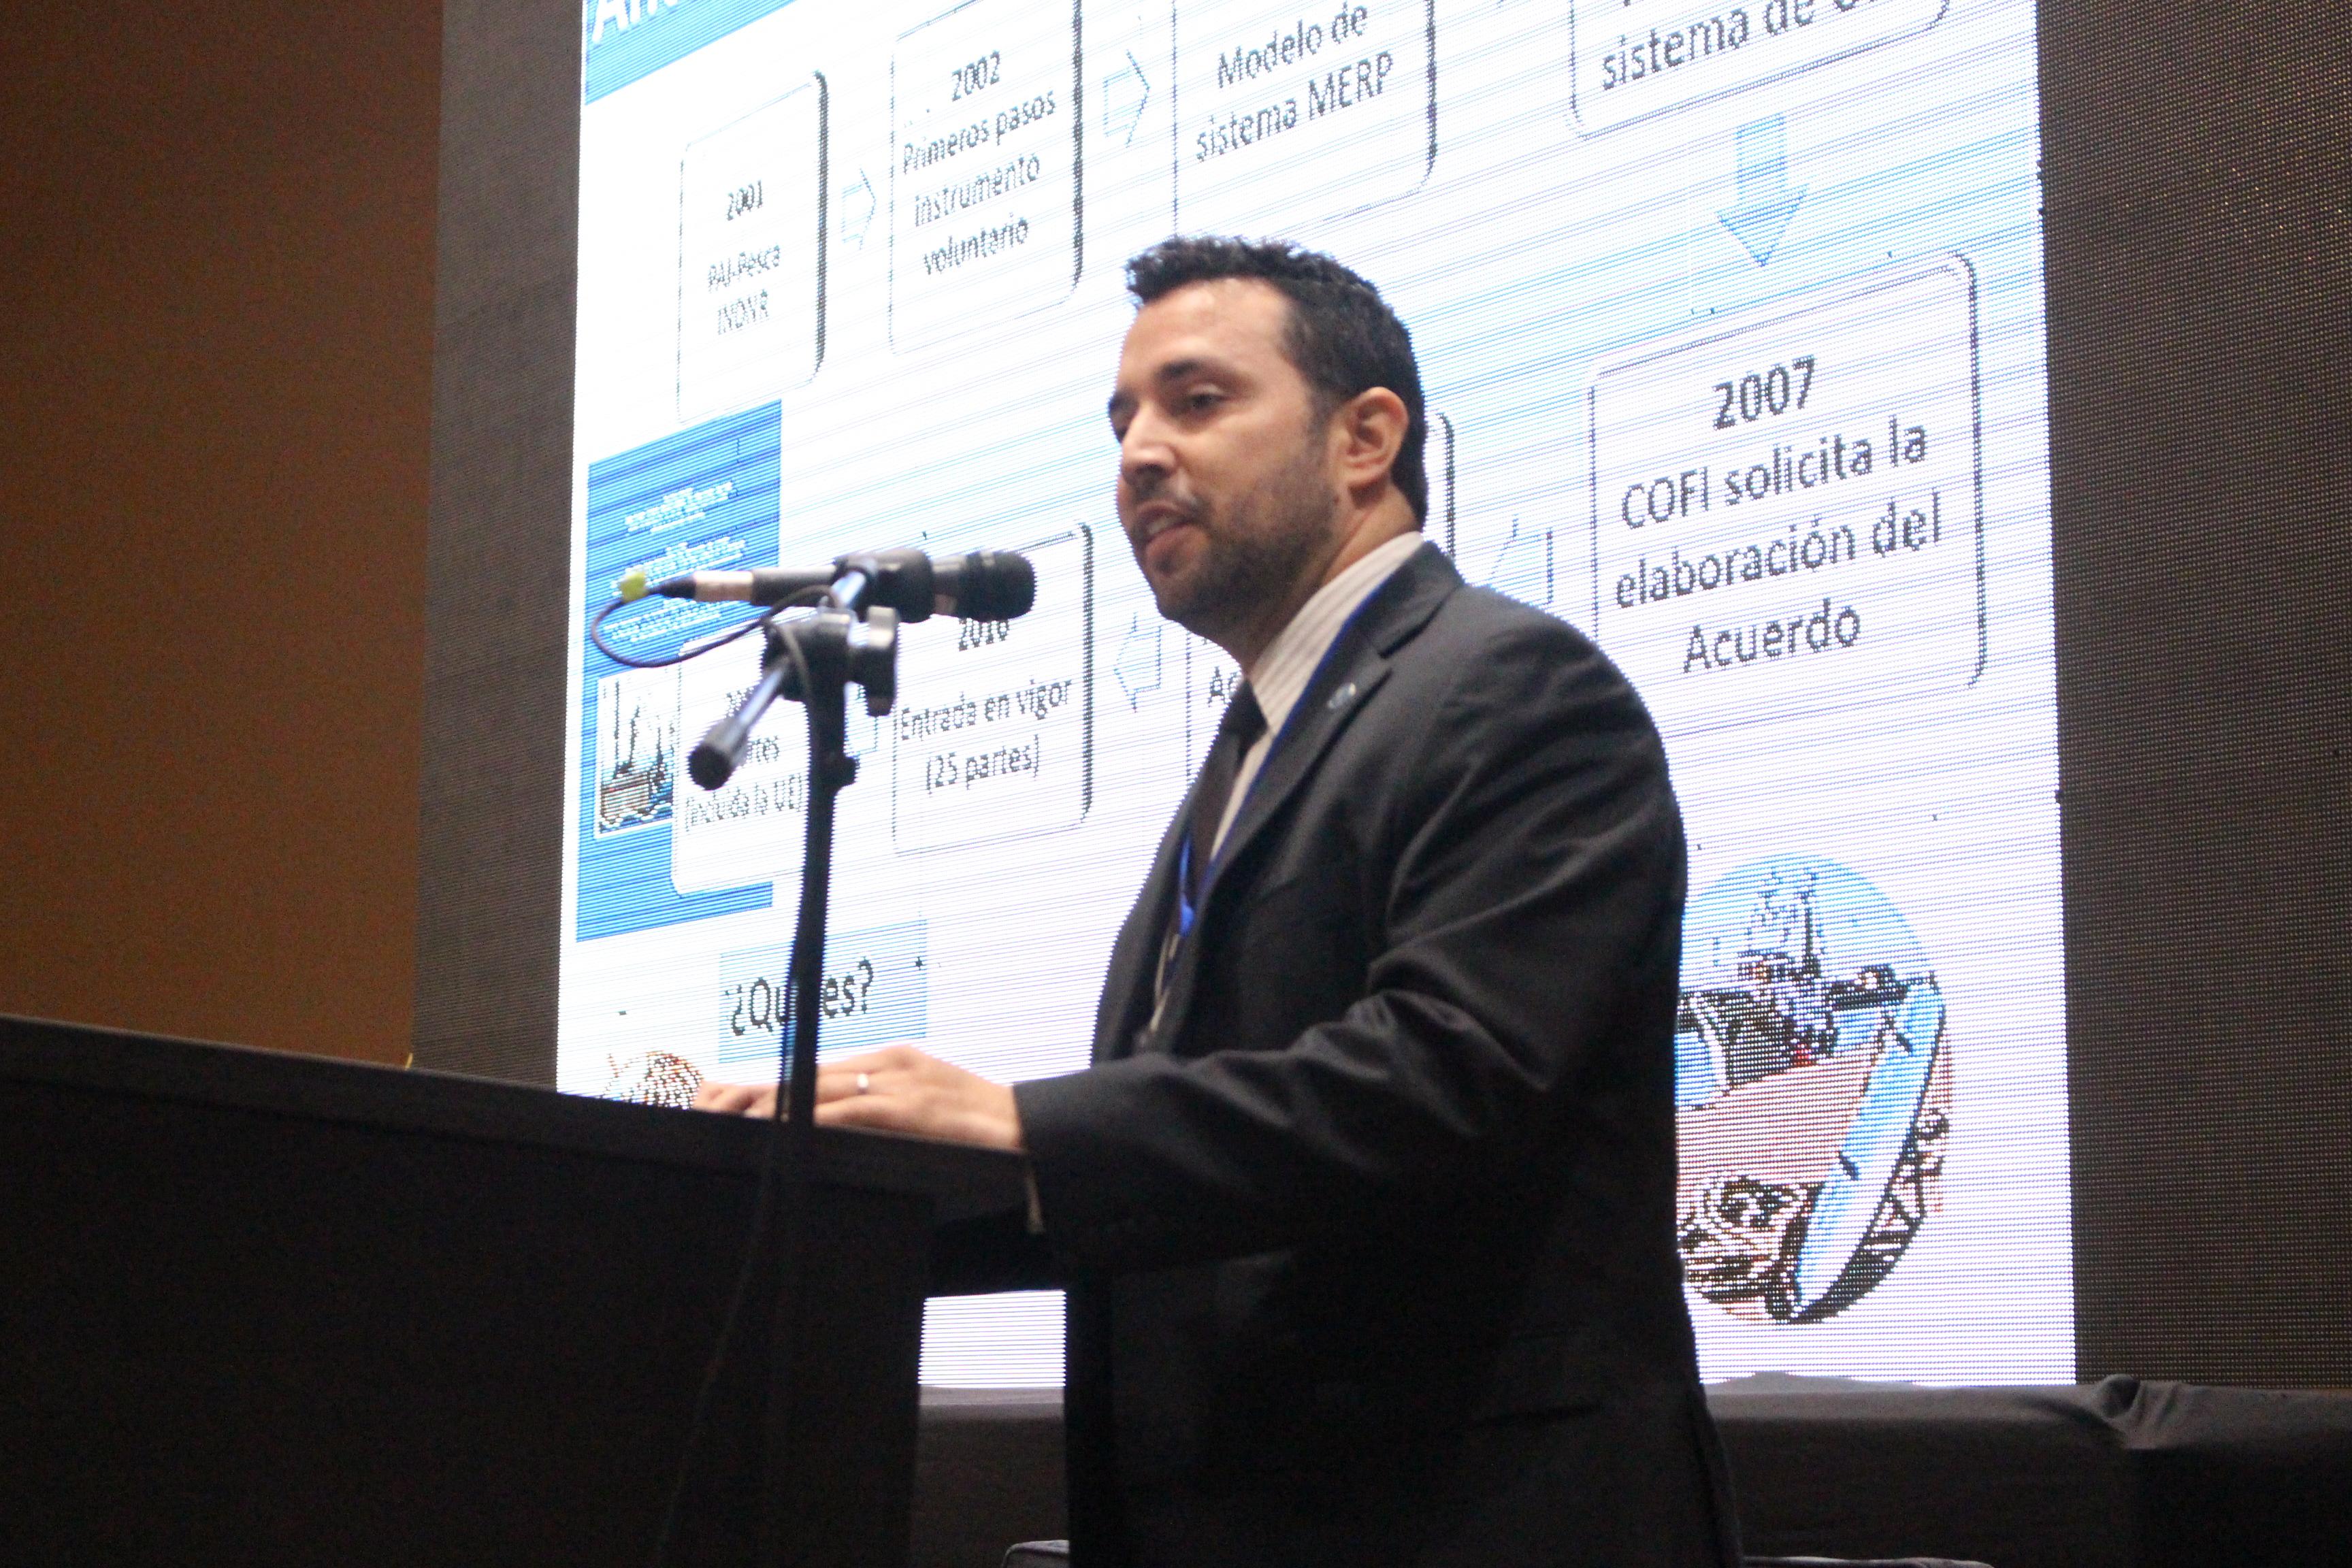 Javier Villanueva García